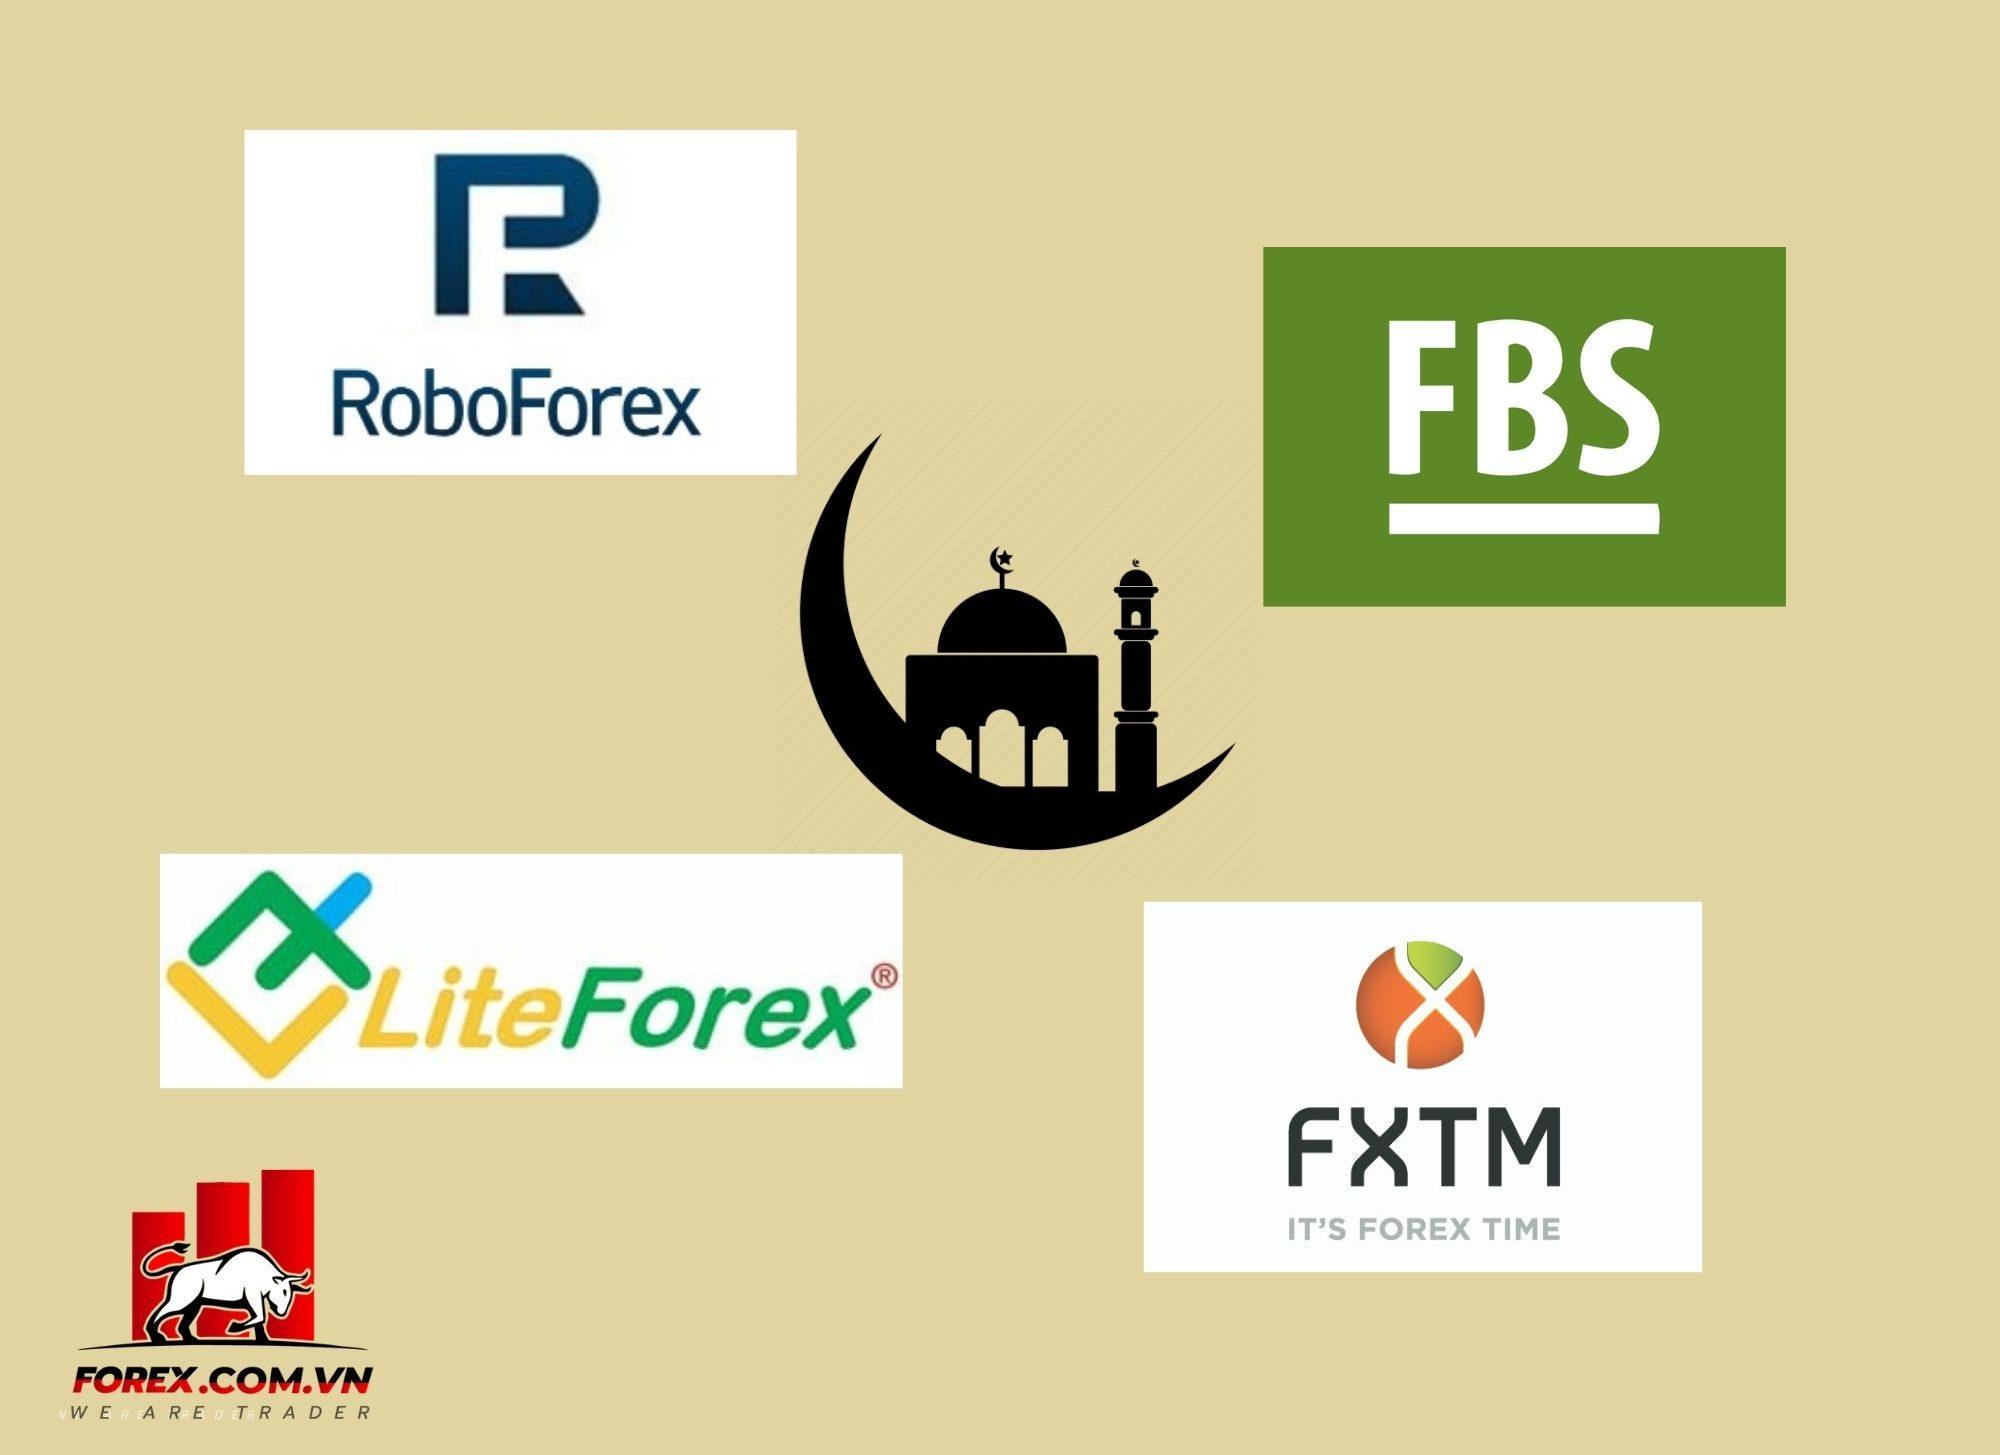 Các sàn giao dịch Forex cung cấp tài khoản phù hợp với khách hàng Hồi giáo